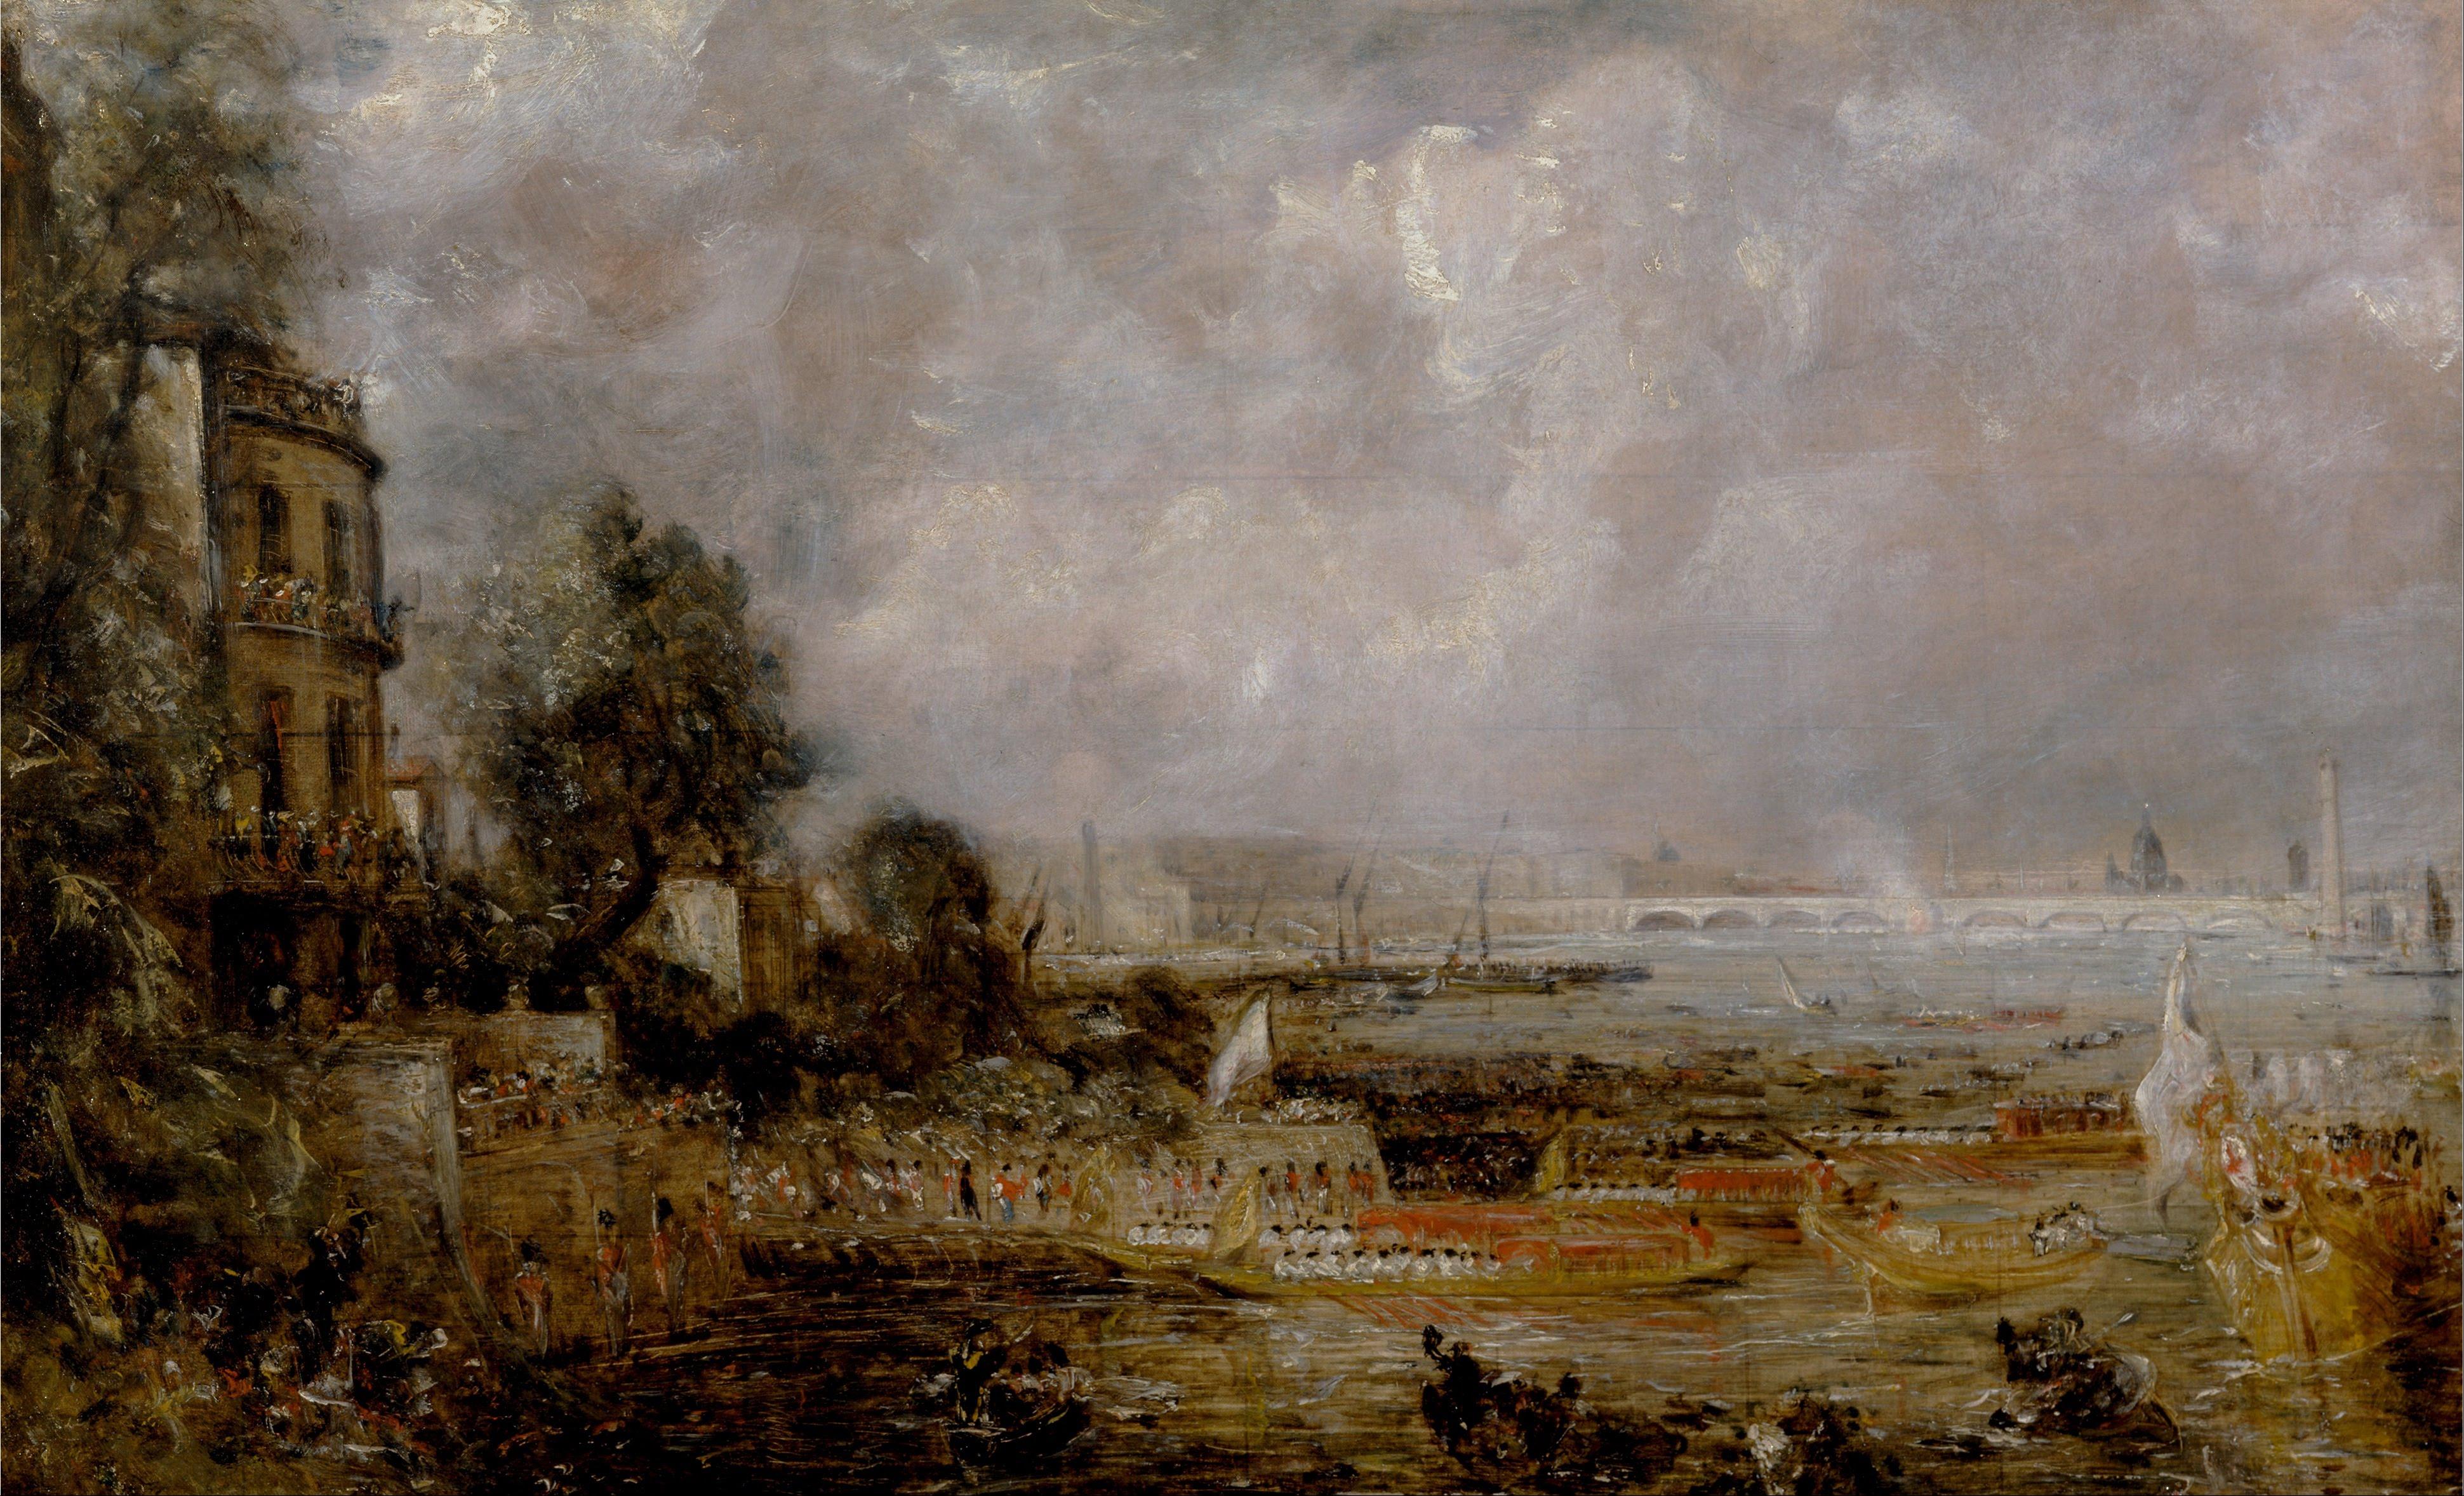 il Waterloo Bridge in un dipinto di Constable